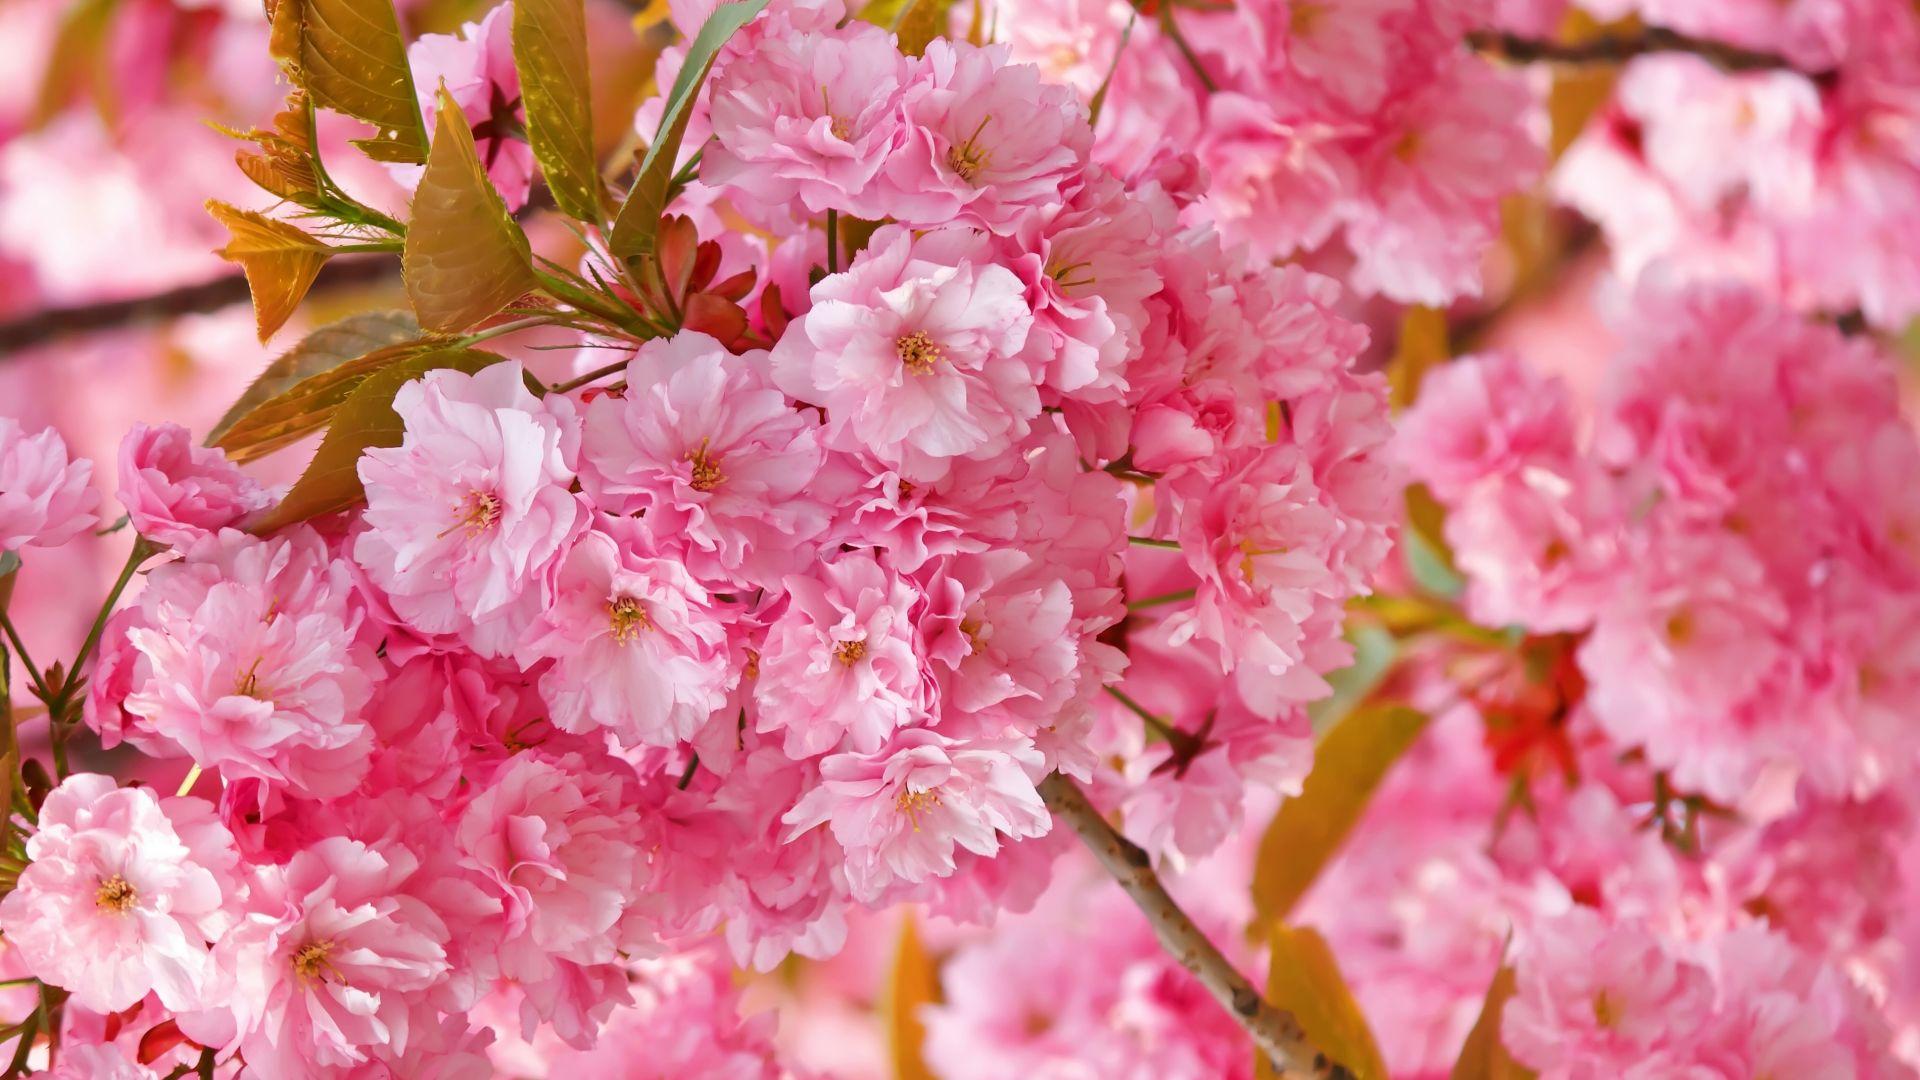 Wallpaper Sakura 4k Hd Wallpaper Cherry Blossom Pink